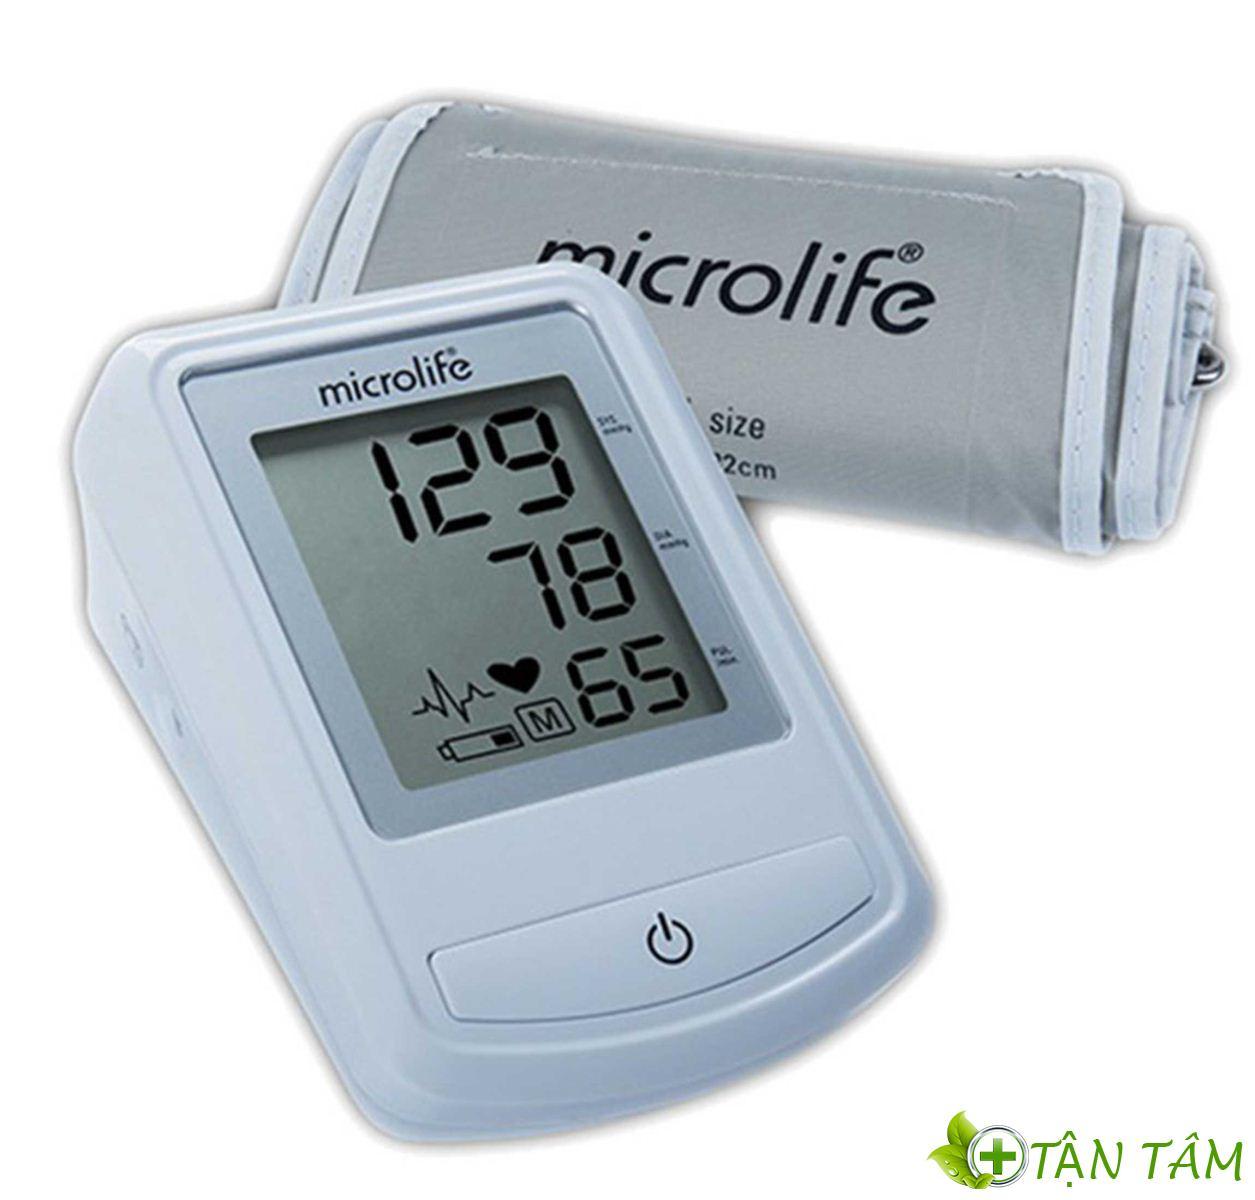 Máy đo huyết áp Microlife bp 3nz1-1p chính hãng